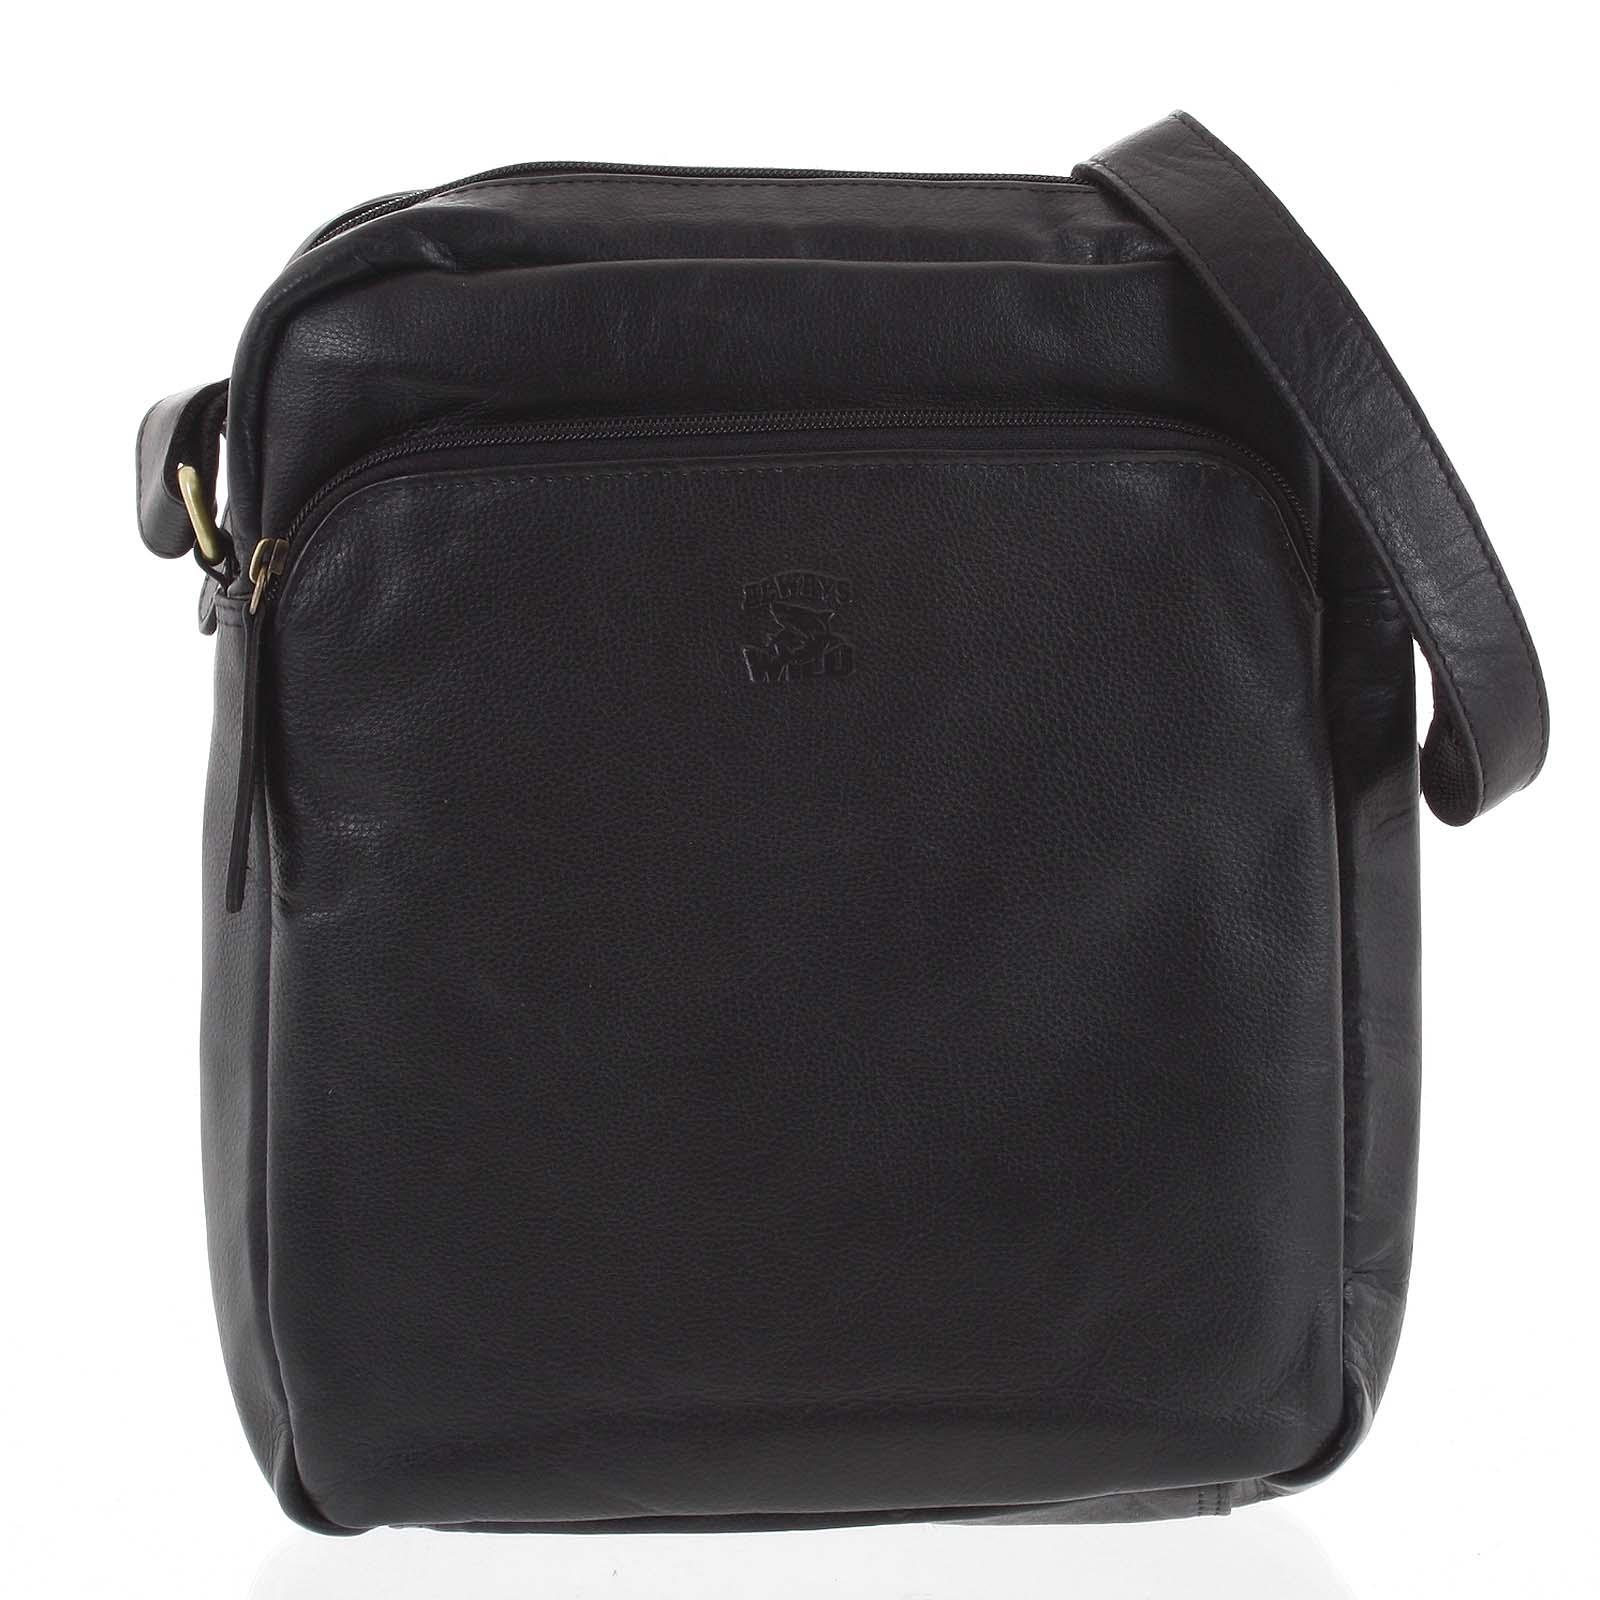 Pánska kožená crossbody taška čierna - WILD Jesualdo čierna